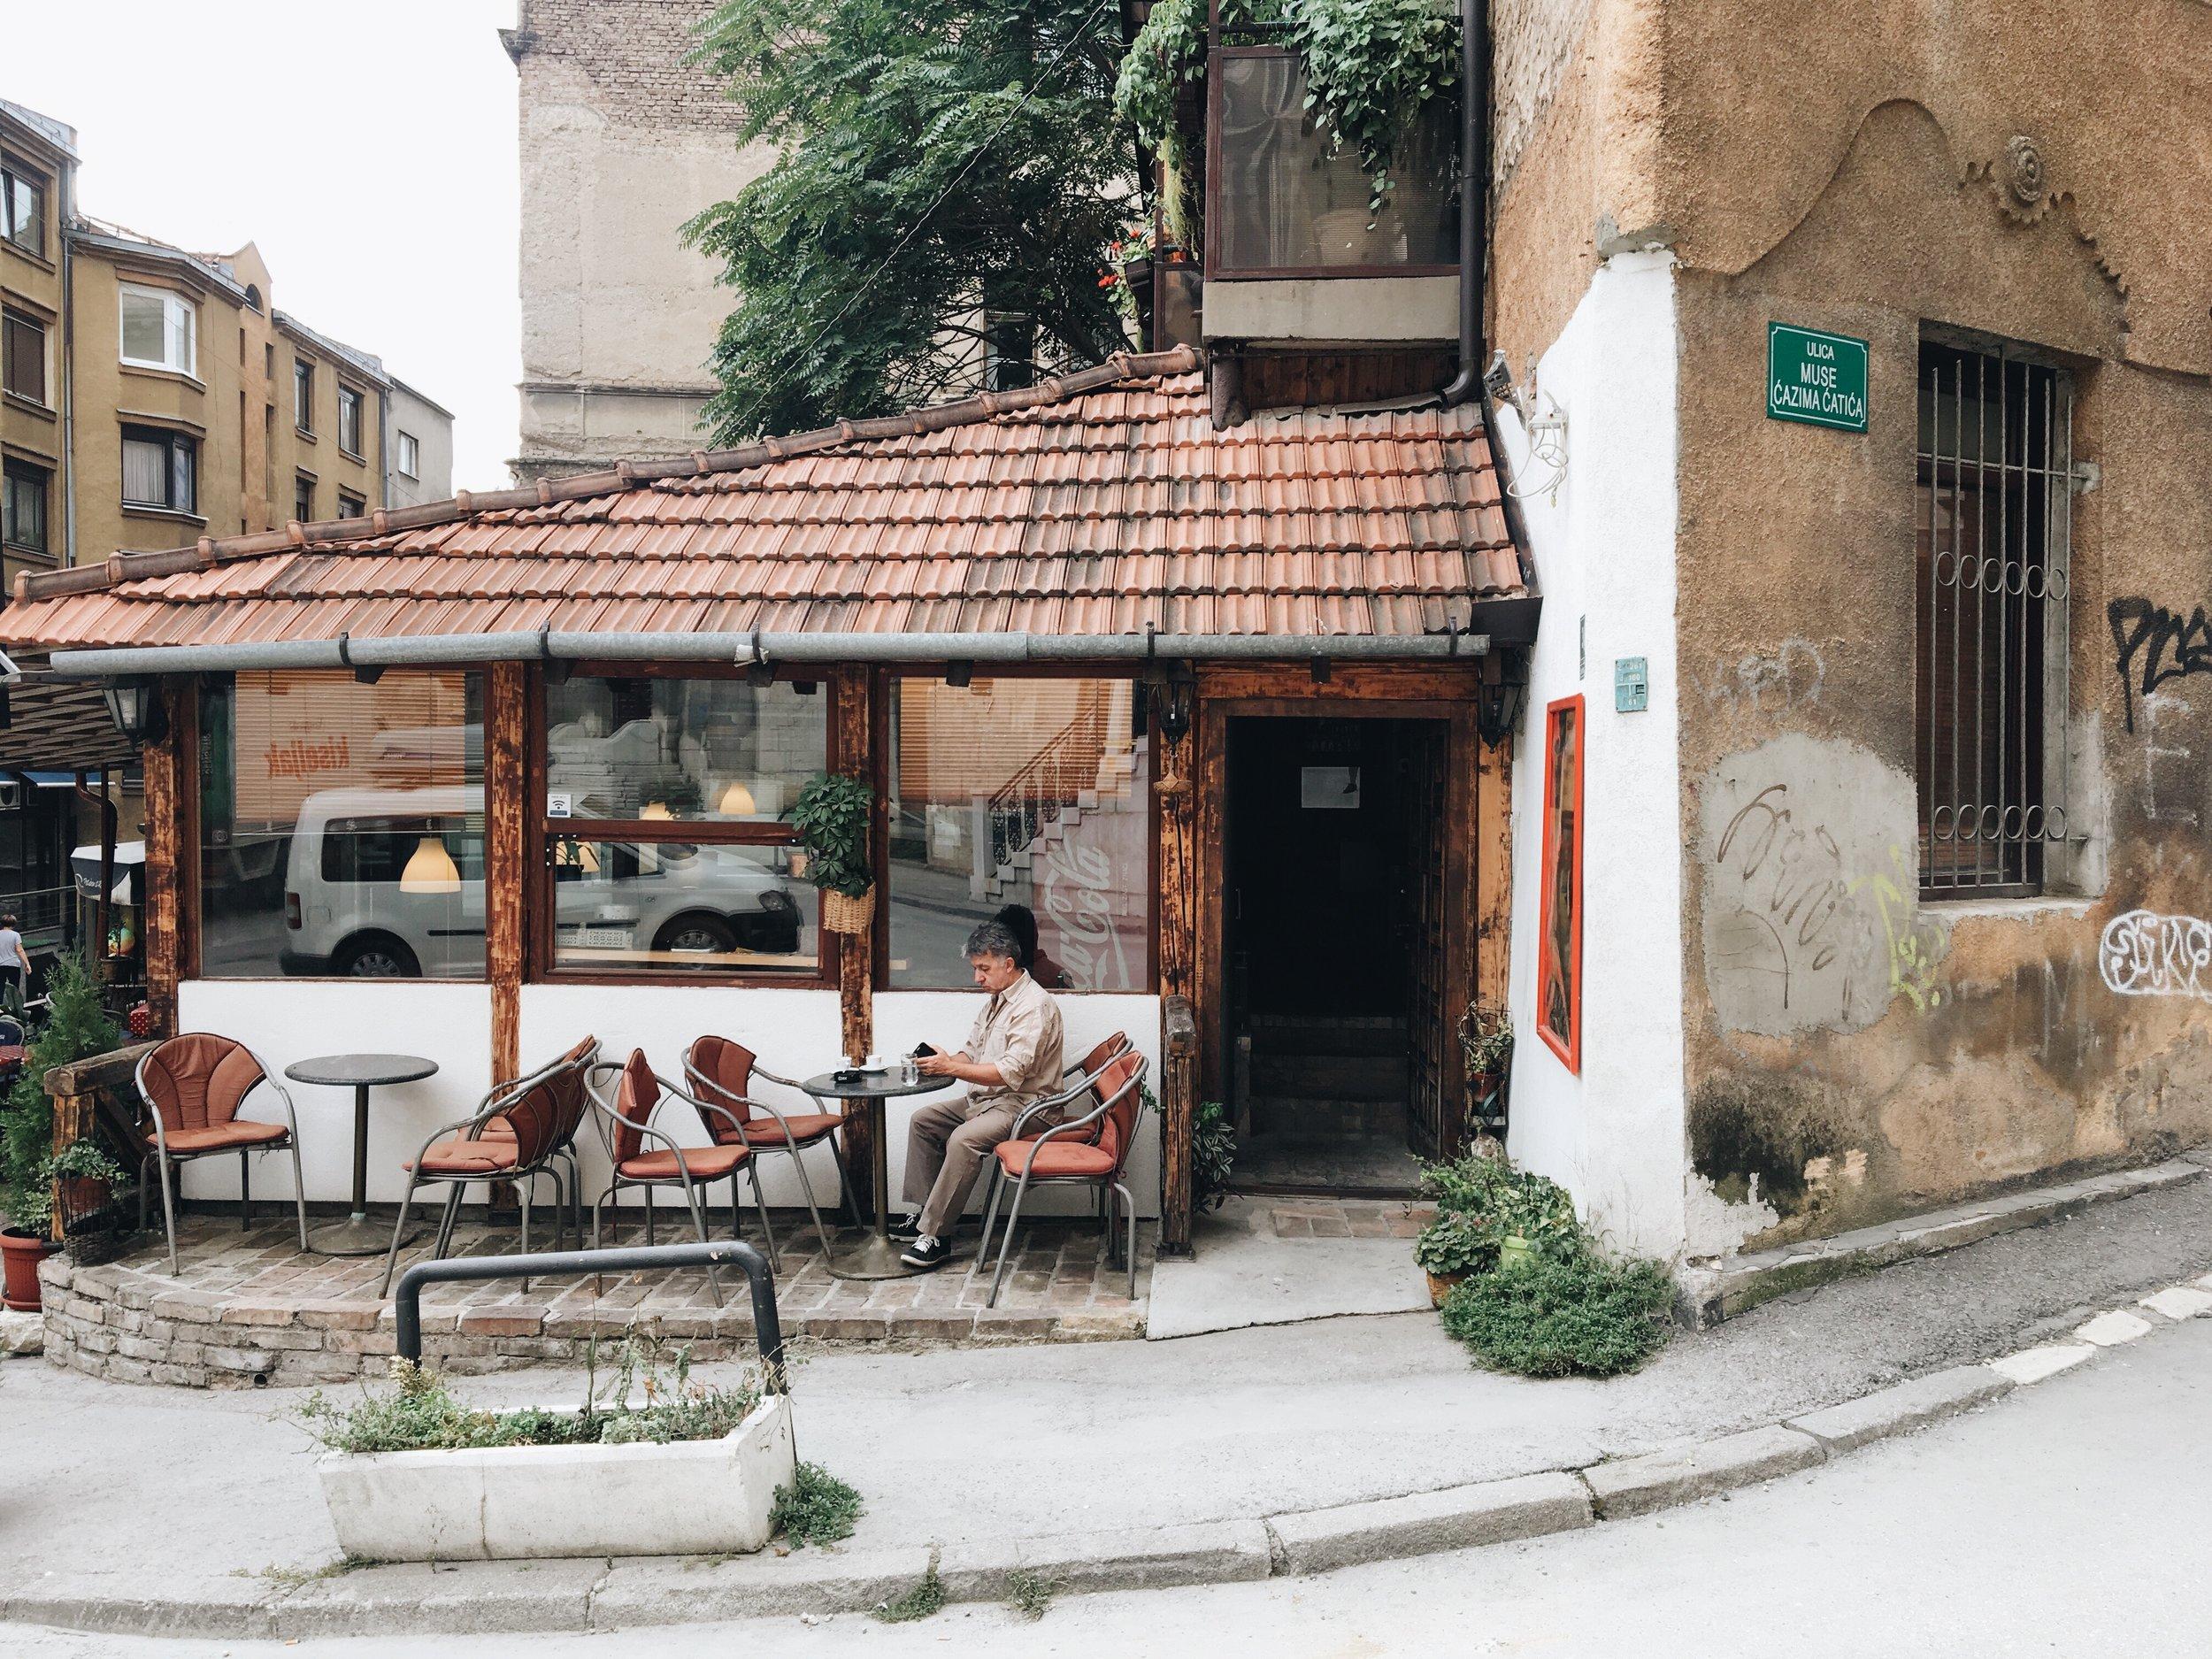 Sarajevo_02.jpg